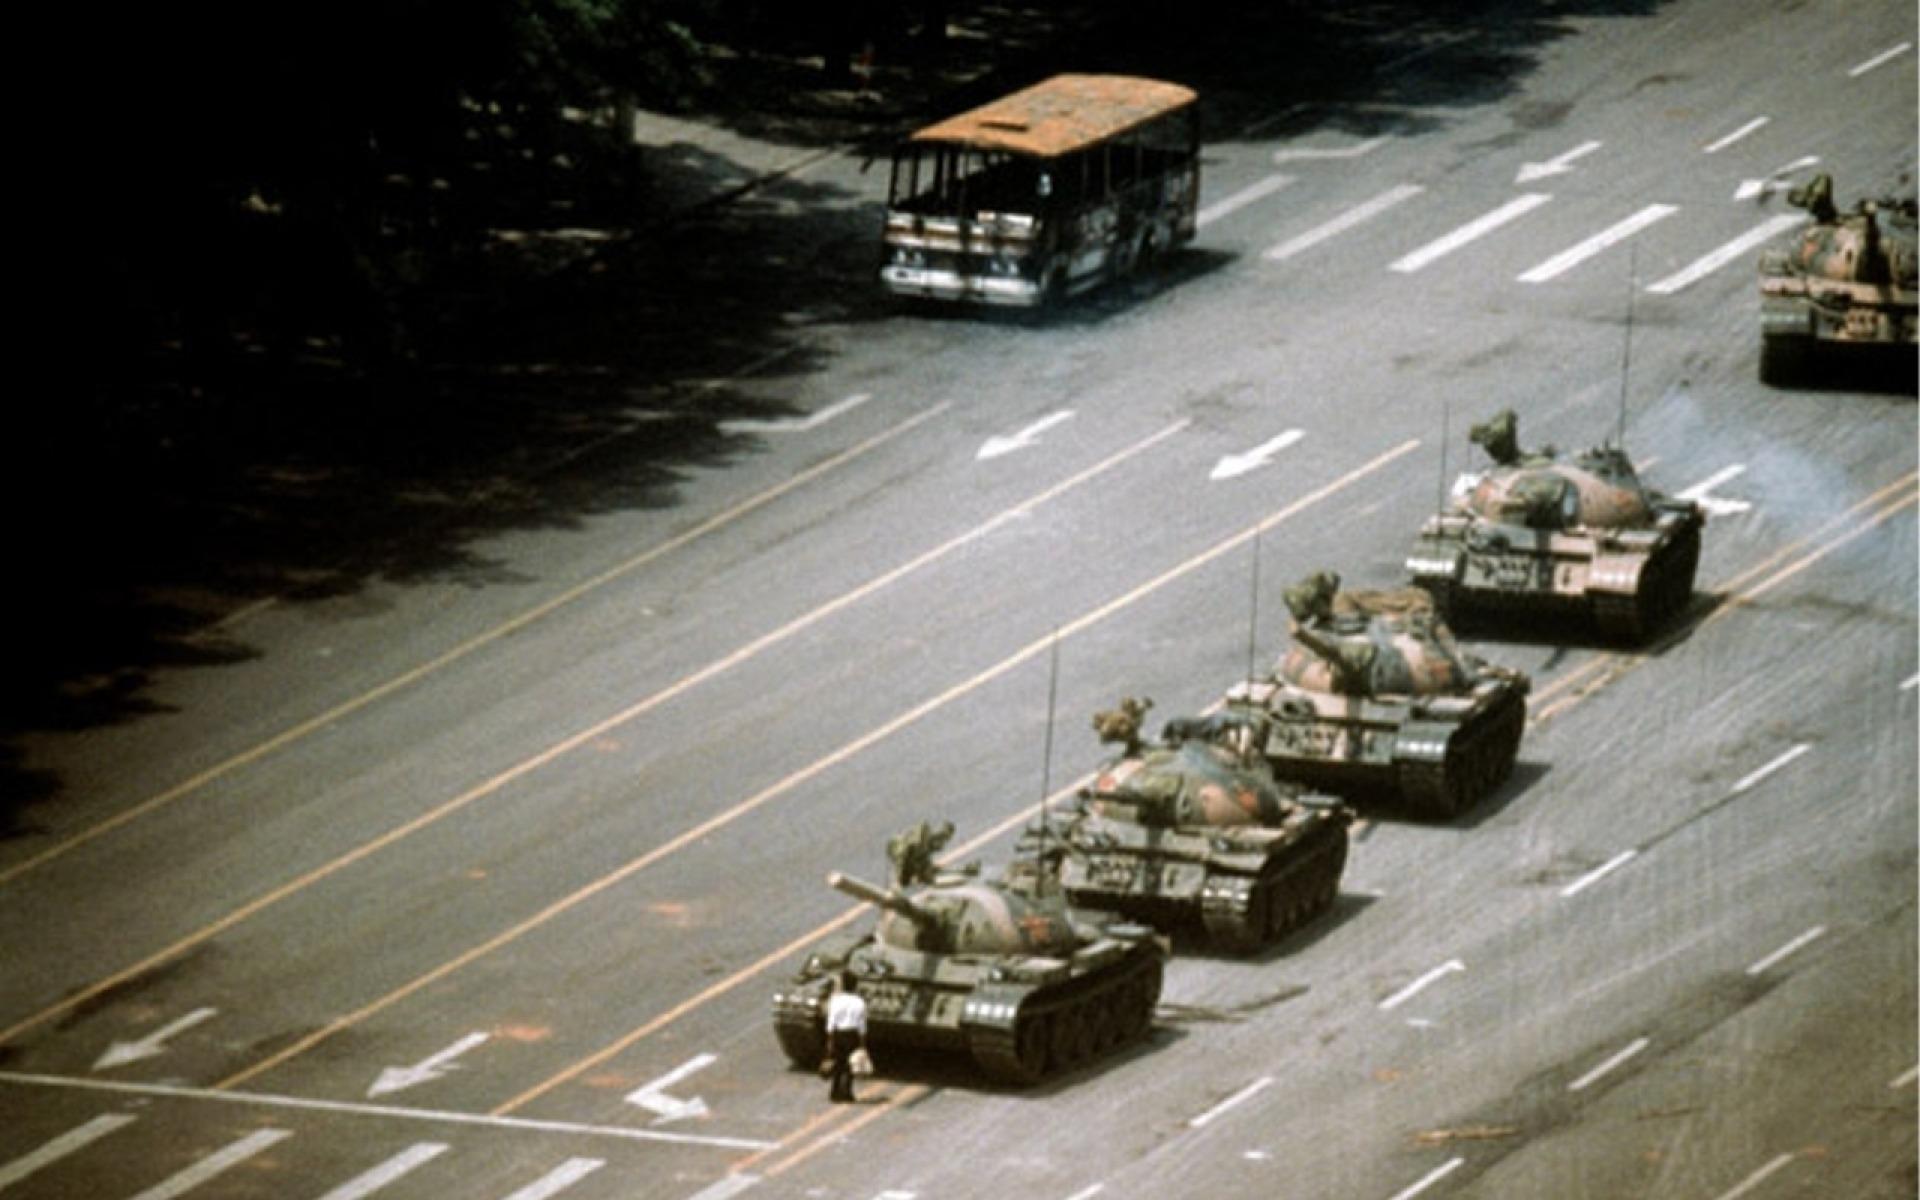 Блогер Антон Мотолько изучает разбитый асфальт, по которому идут танки. Фото: Джефф Вайденер